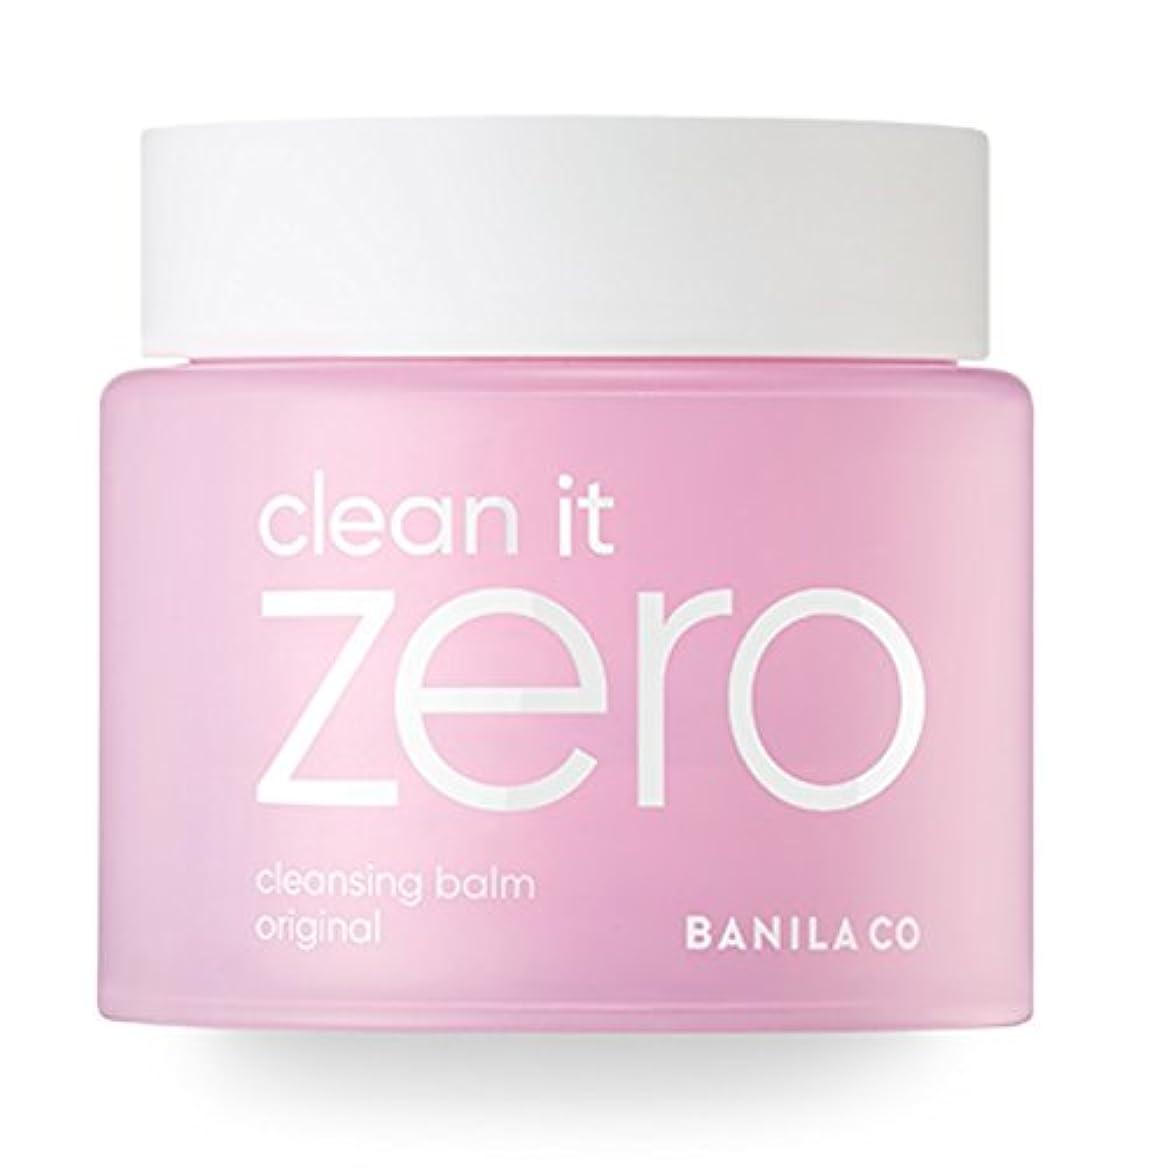 意識的サービスにんじん[banila co.] Clean It Zero 100ml (sherbet cleanser) (Clean It Zero Ultra Size 180ml (Original))